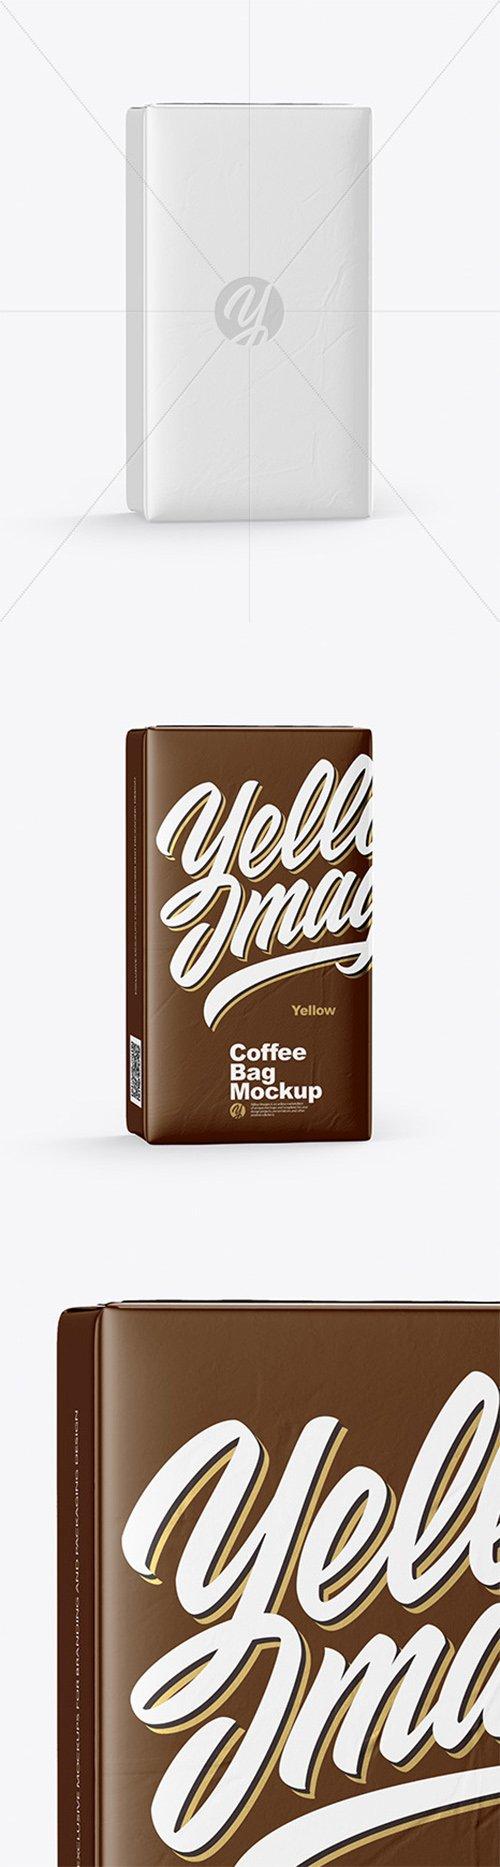 250g Coffee Bag Mockup 61965